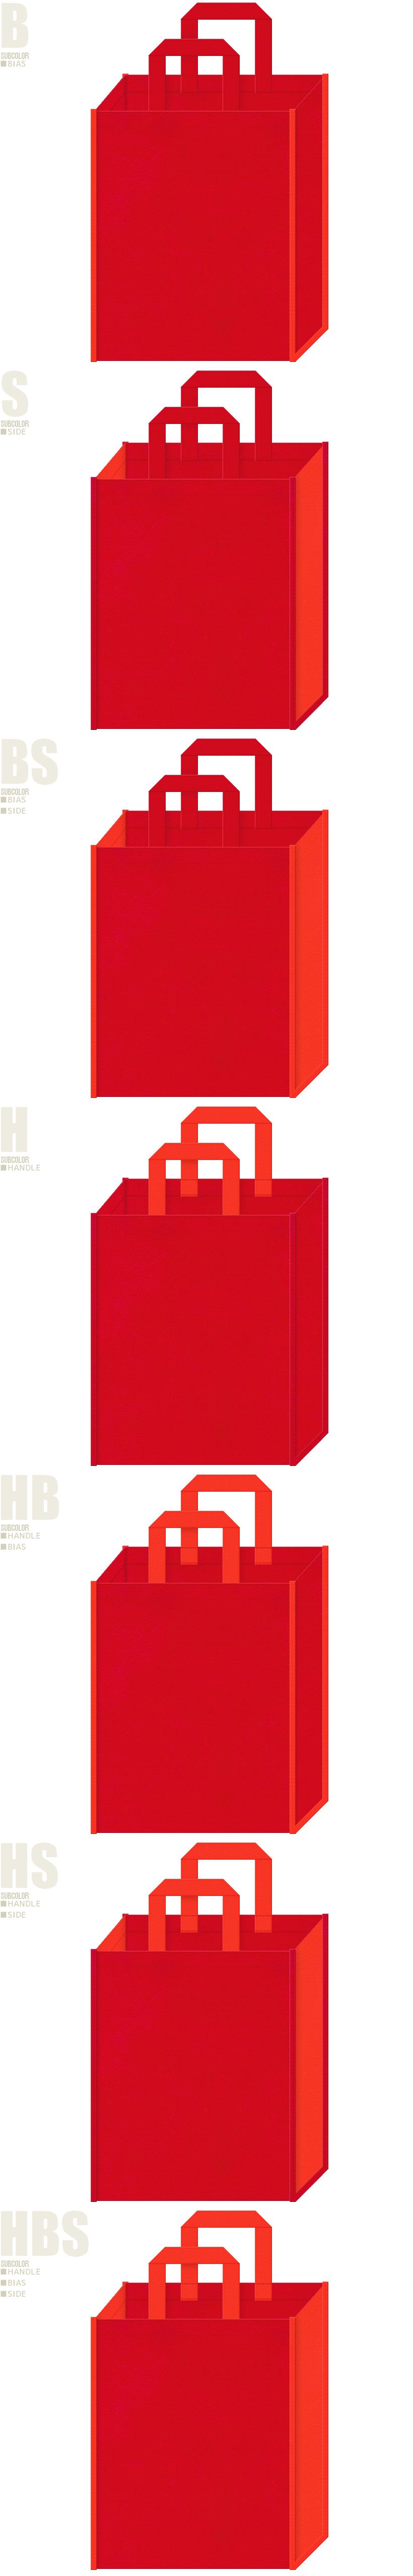 紅葉・サプリメント・太陽・エネルギー・暖房器具の展示会用バッグにお奨めの不織布バッグデザイン:紅色とオレンジ色の配色7パターン